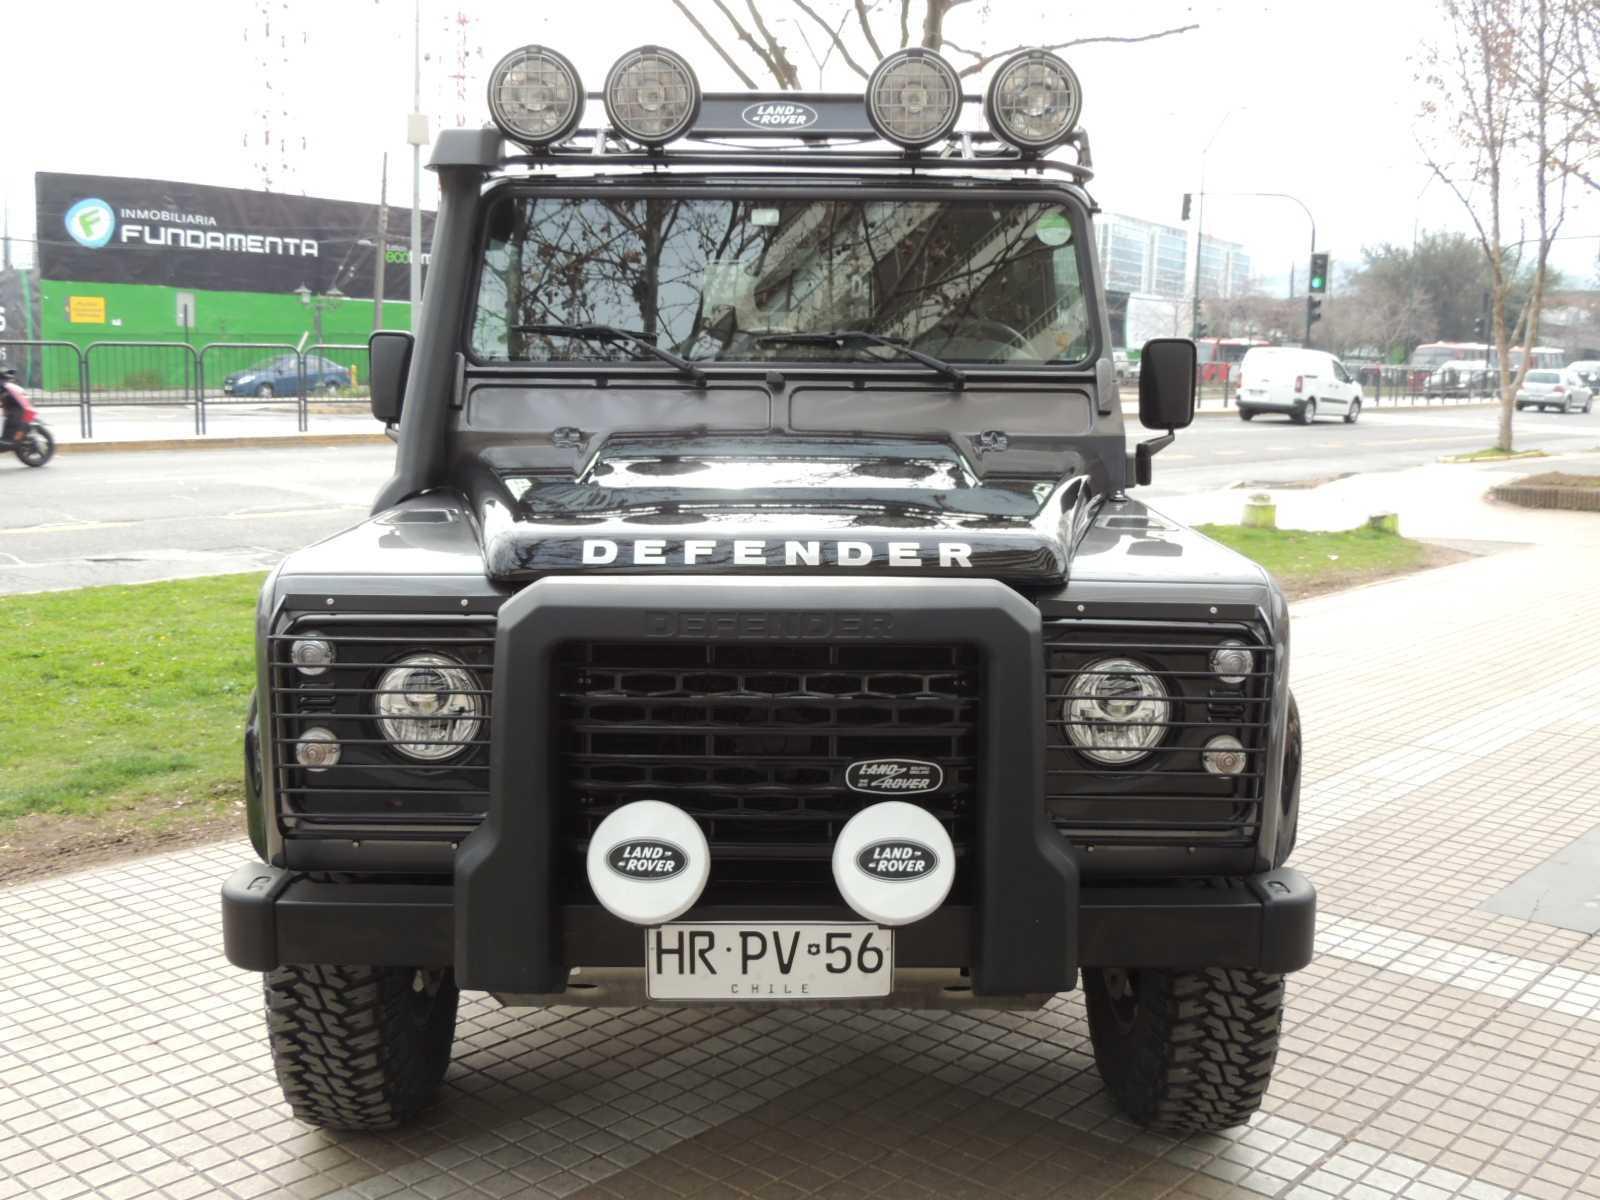 Land Rover Defender Adventure Clasicos Rutamotor (2)